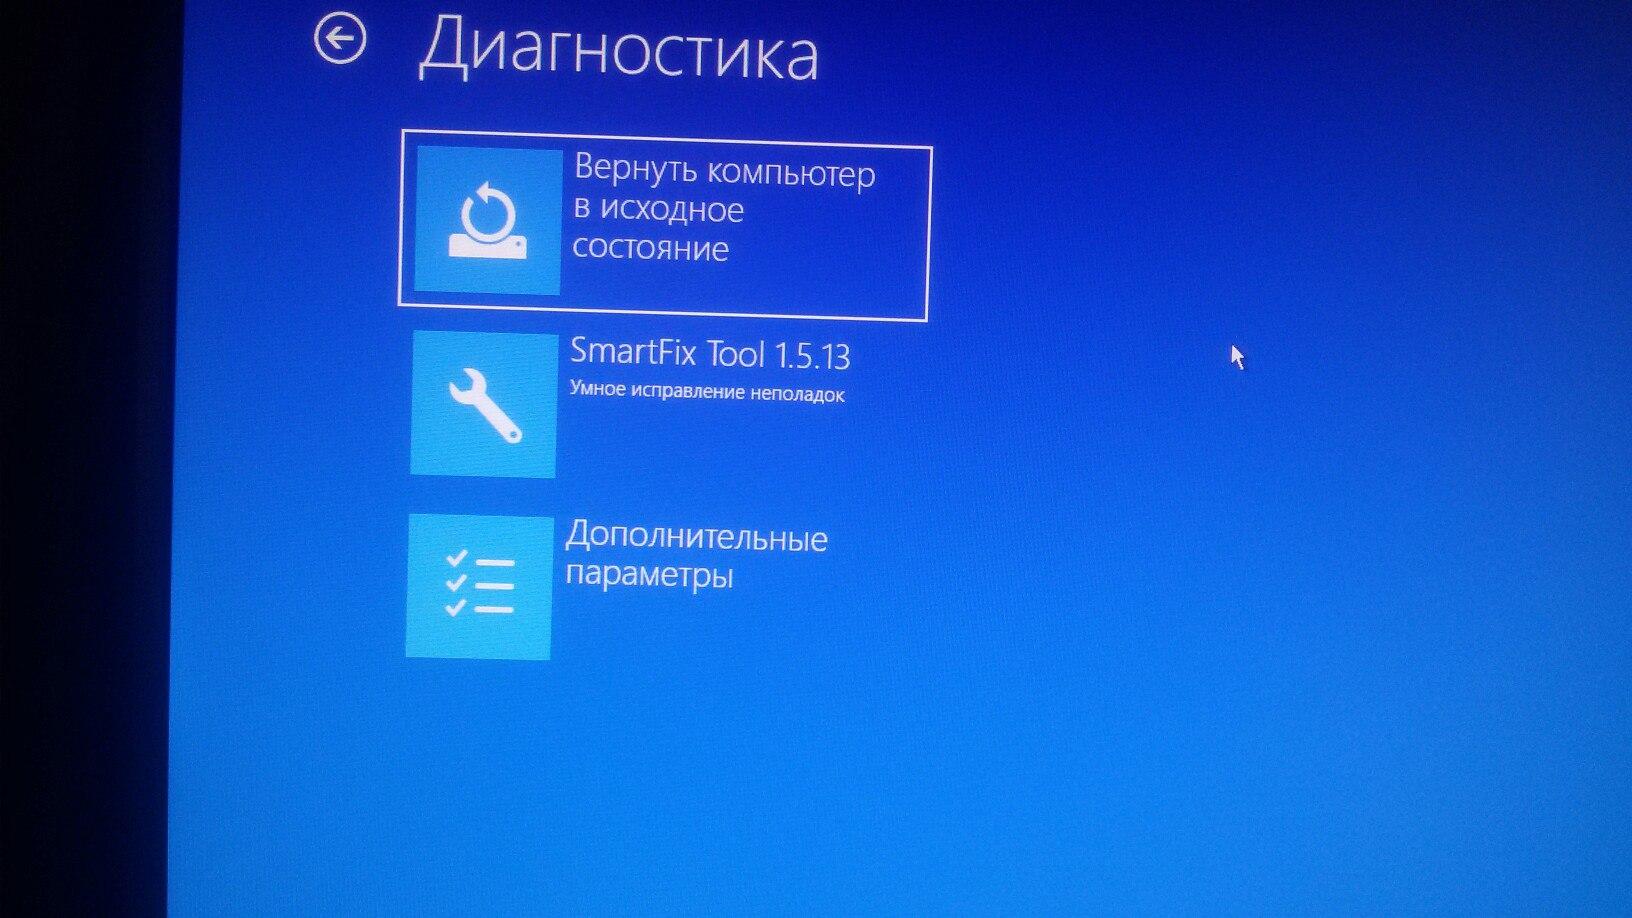 http://www.imageup.ru/img141/3032347/8x43m0vag-y.jpg